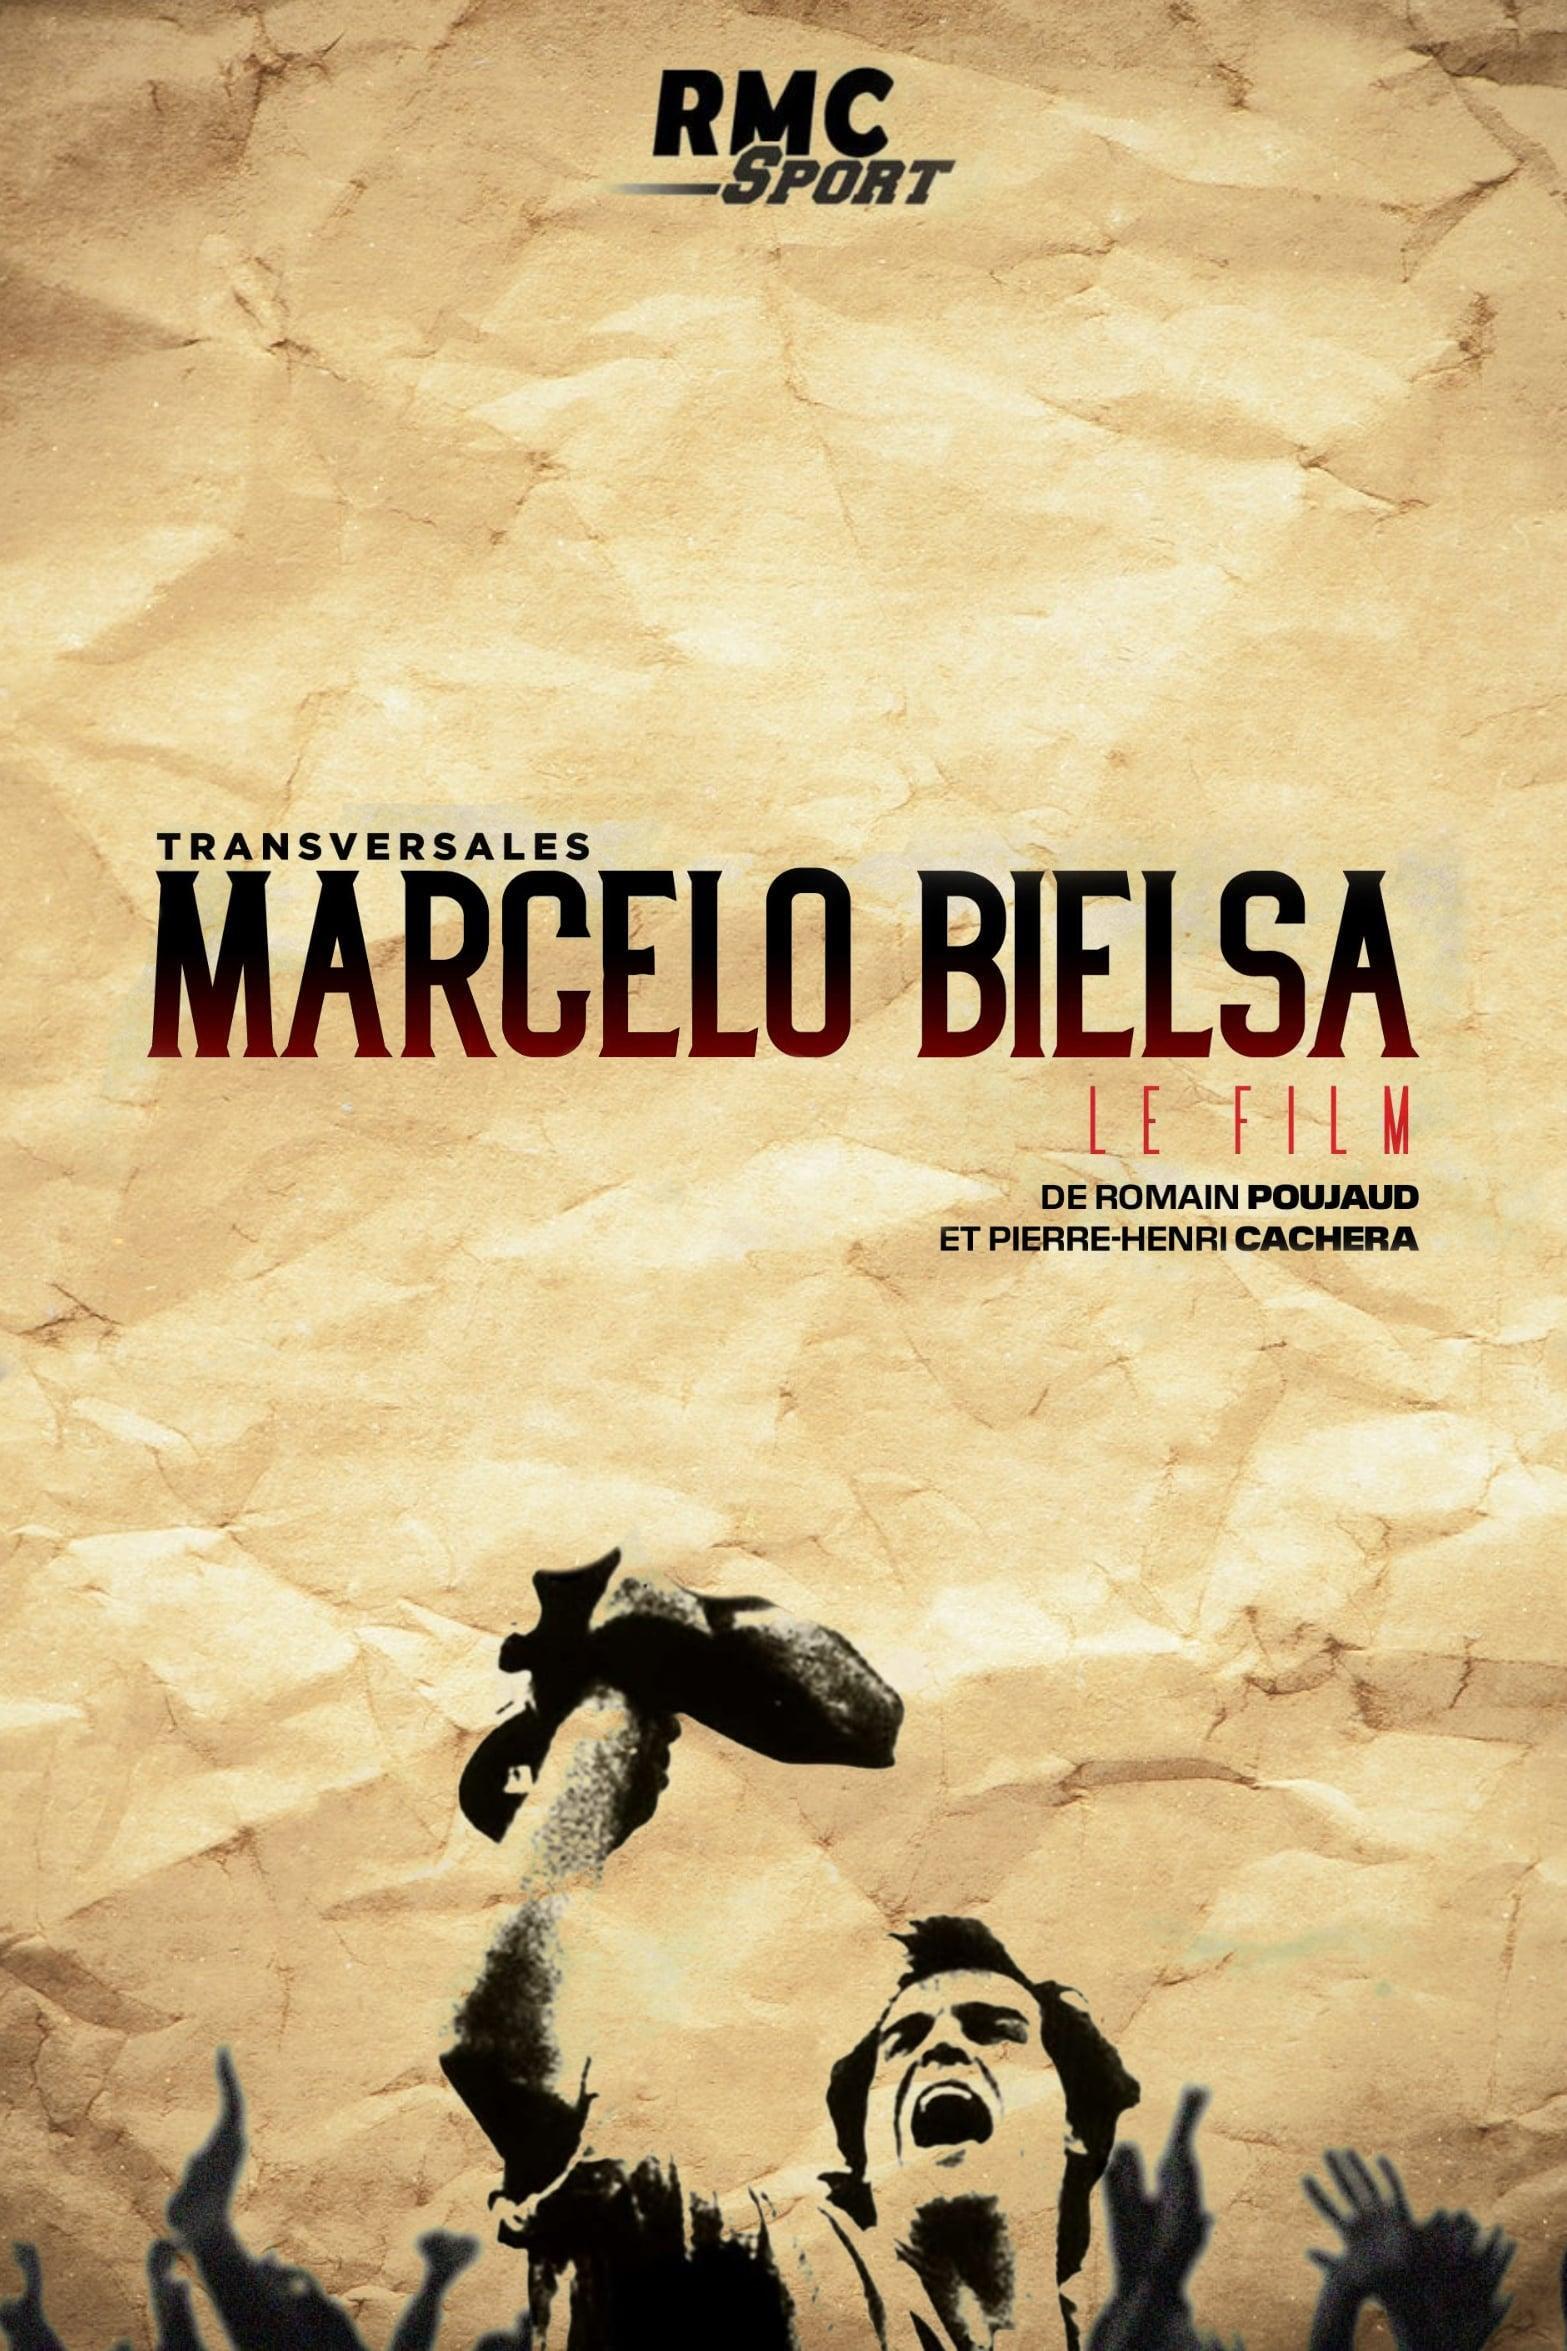 Marcelo Bielsa, le film